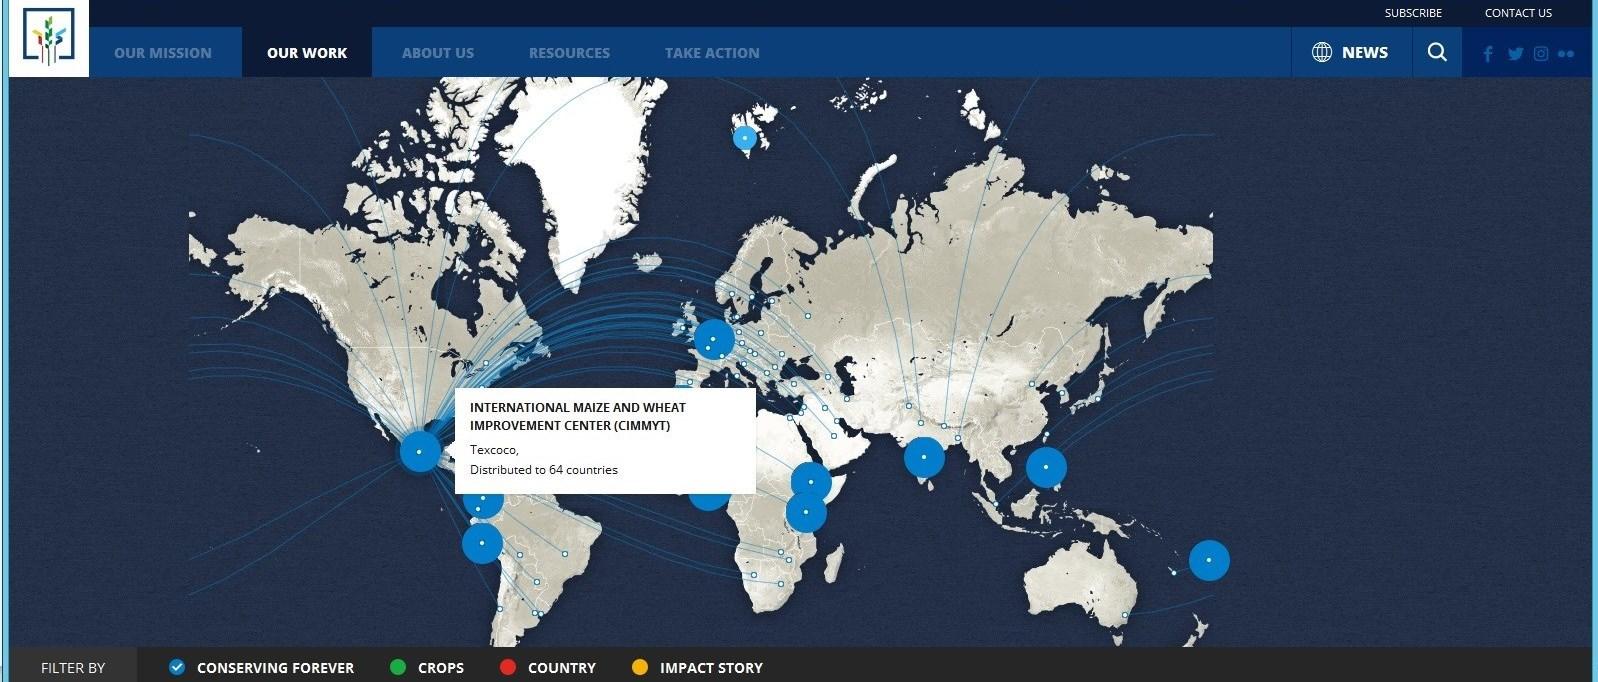 تصویری از شبکه گسترده سیمیت با سراسر جهان